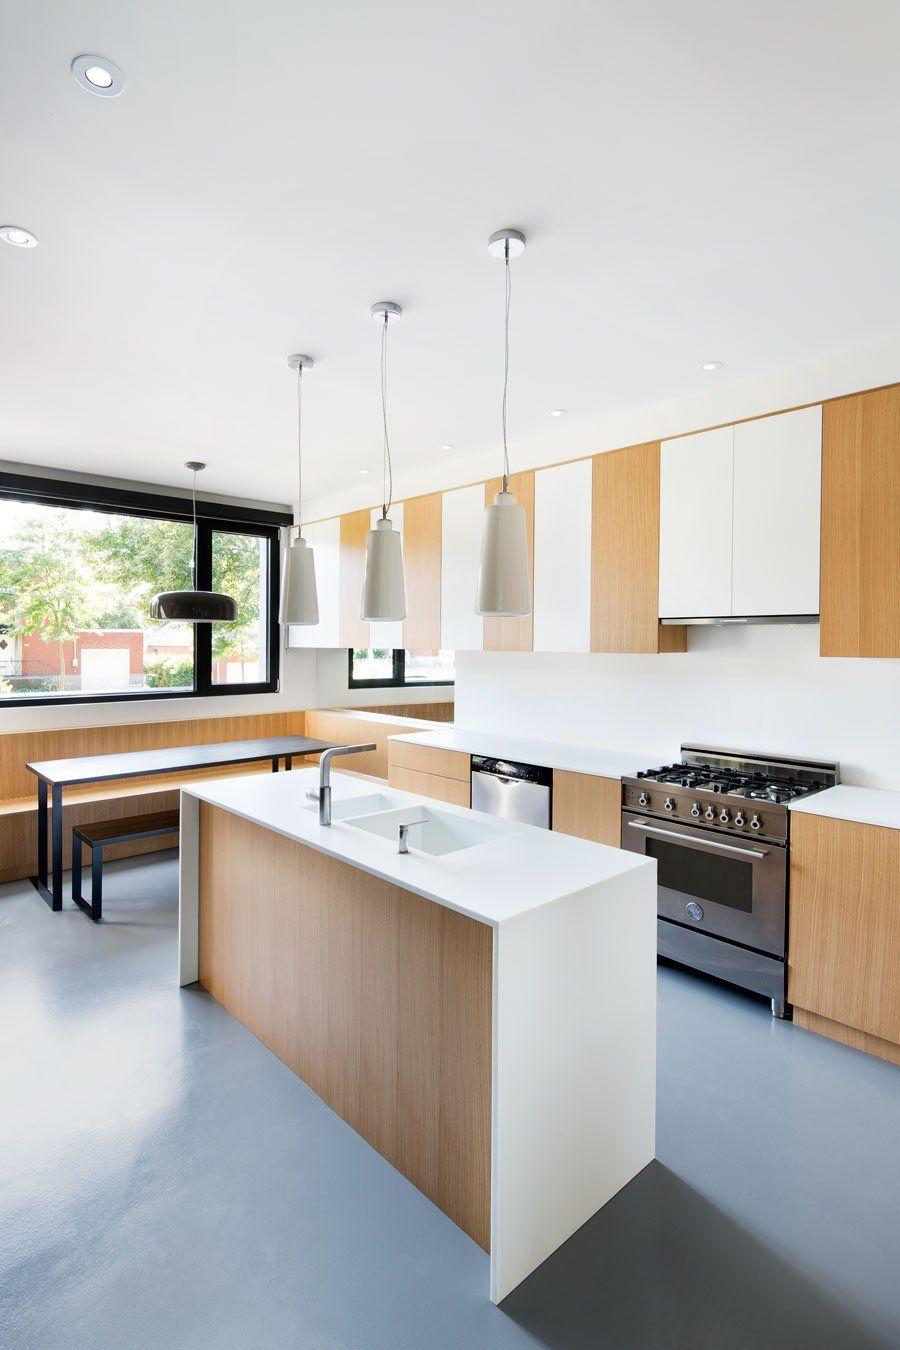 Volume House in Contemporary Black And White Concrete Design ...